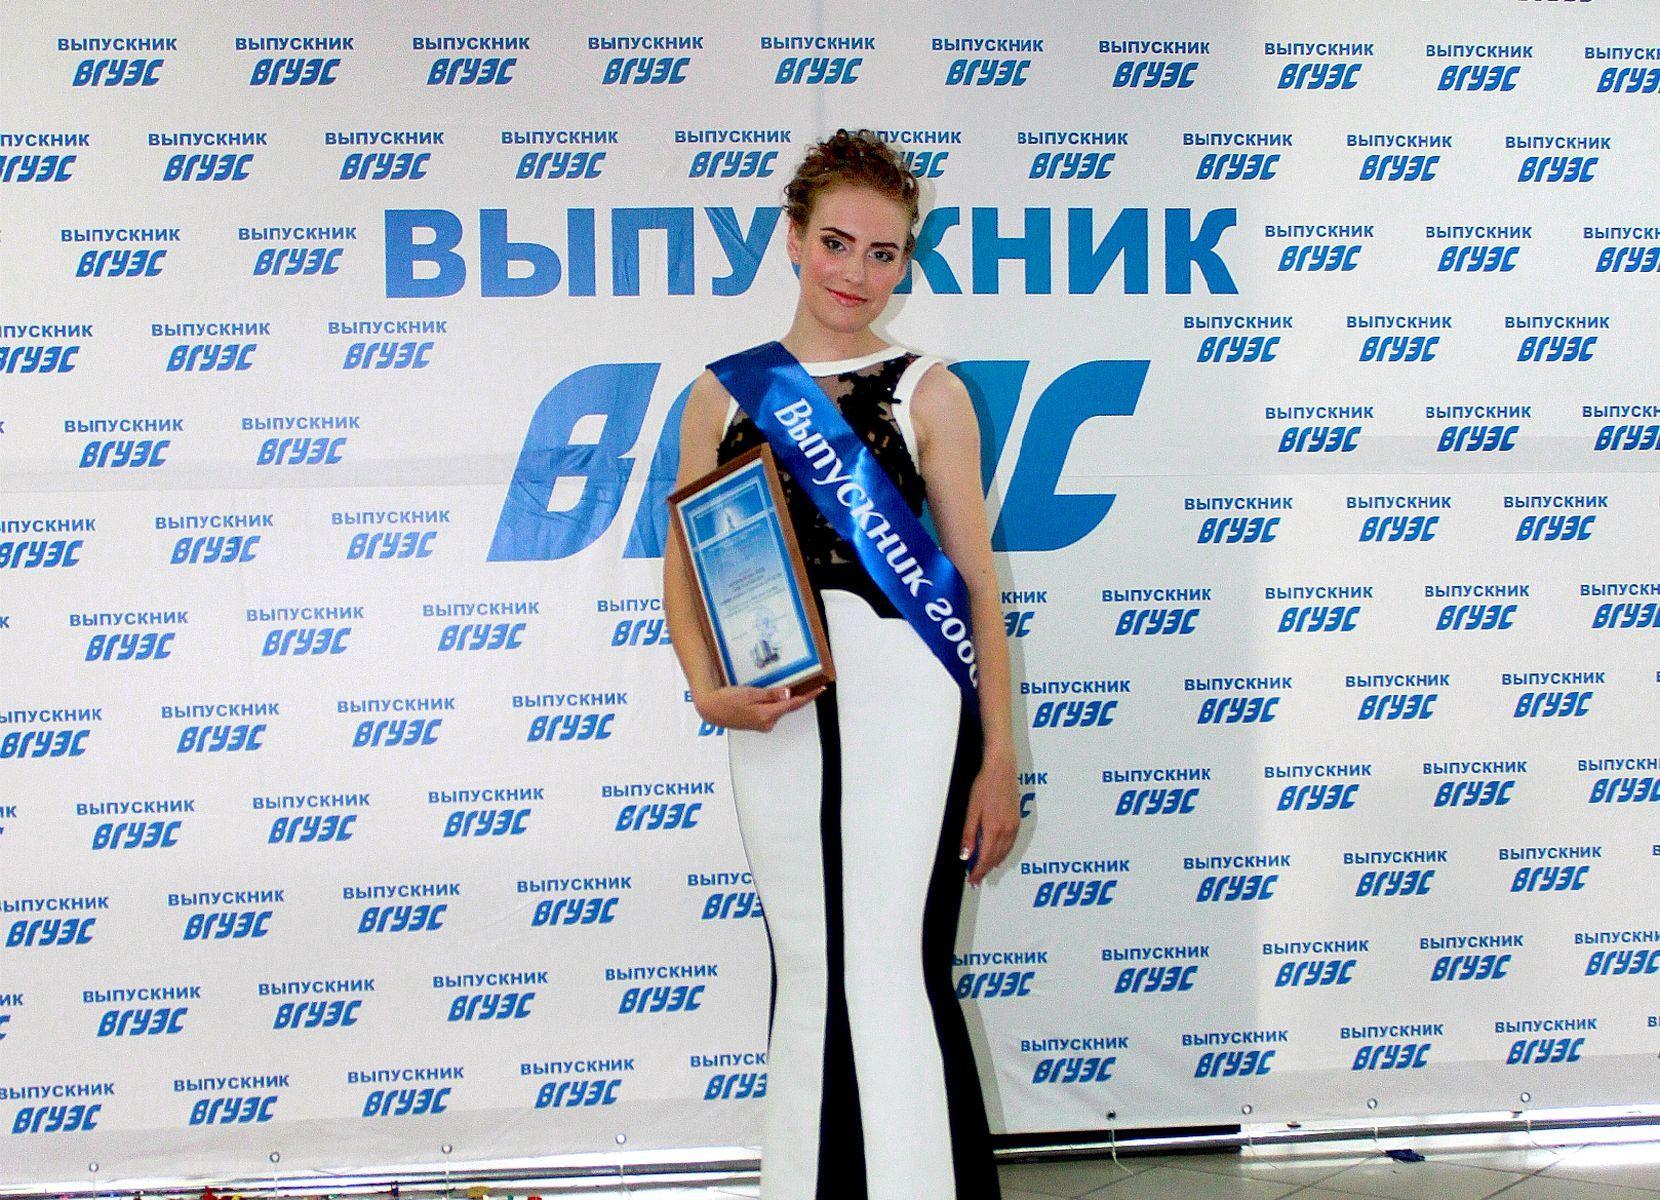 Выпускница ВГУЭС-2016 Виолетта Жеурова: «Две магистратуры параллельно? Это по мне!»